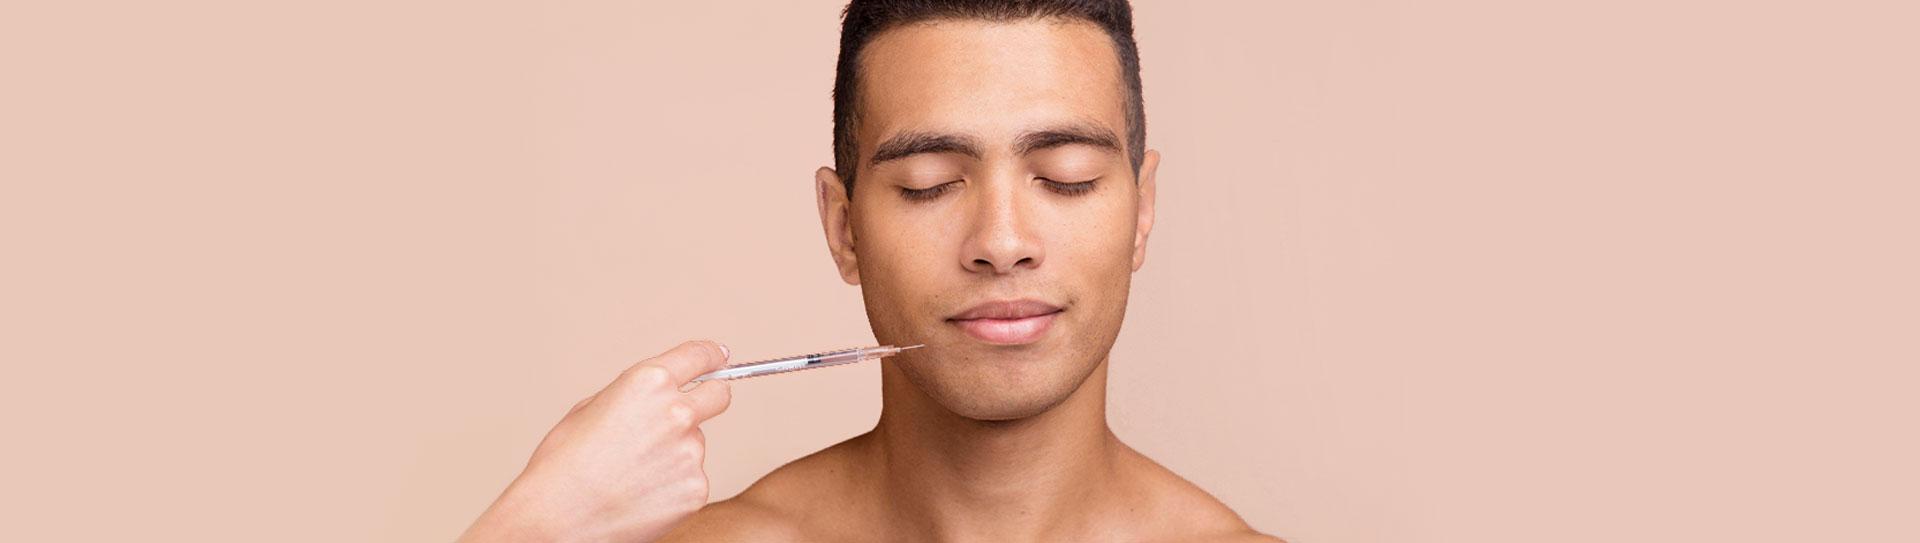 trattamento botox®, trattamento con tossina botulinica